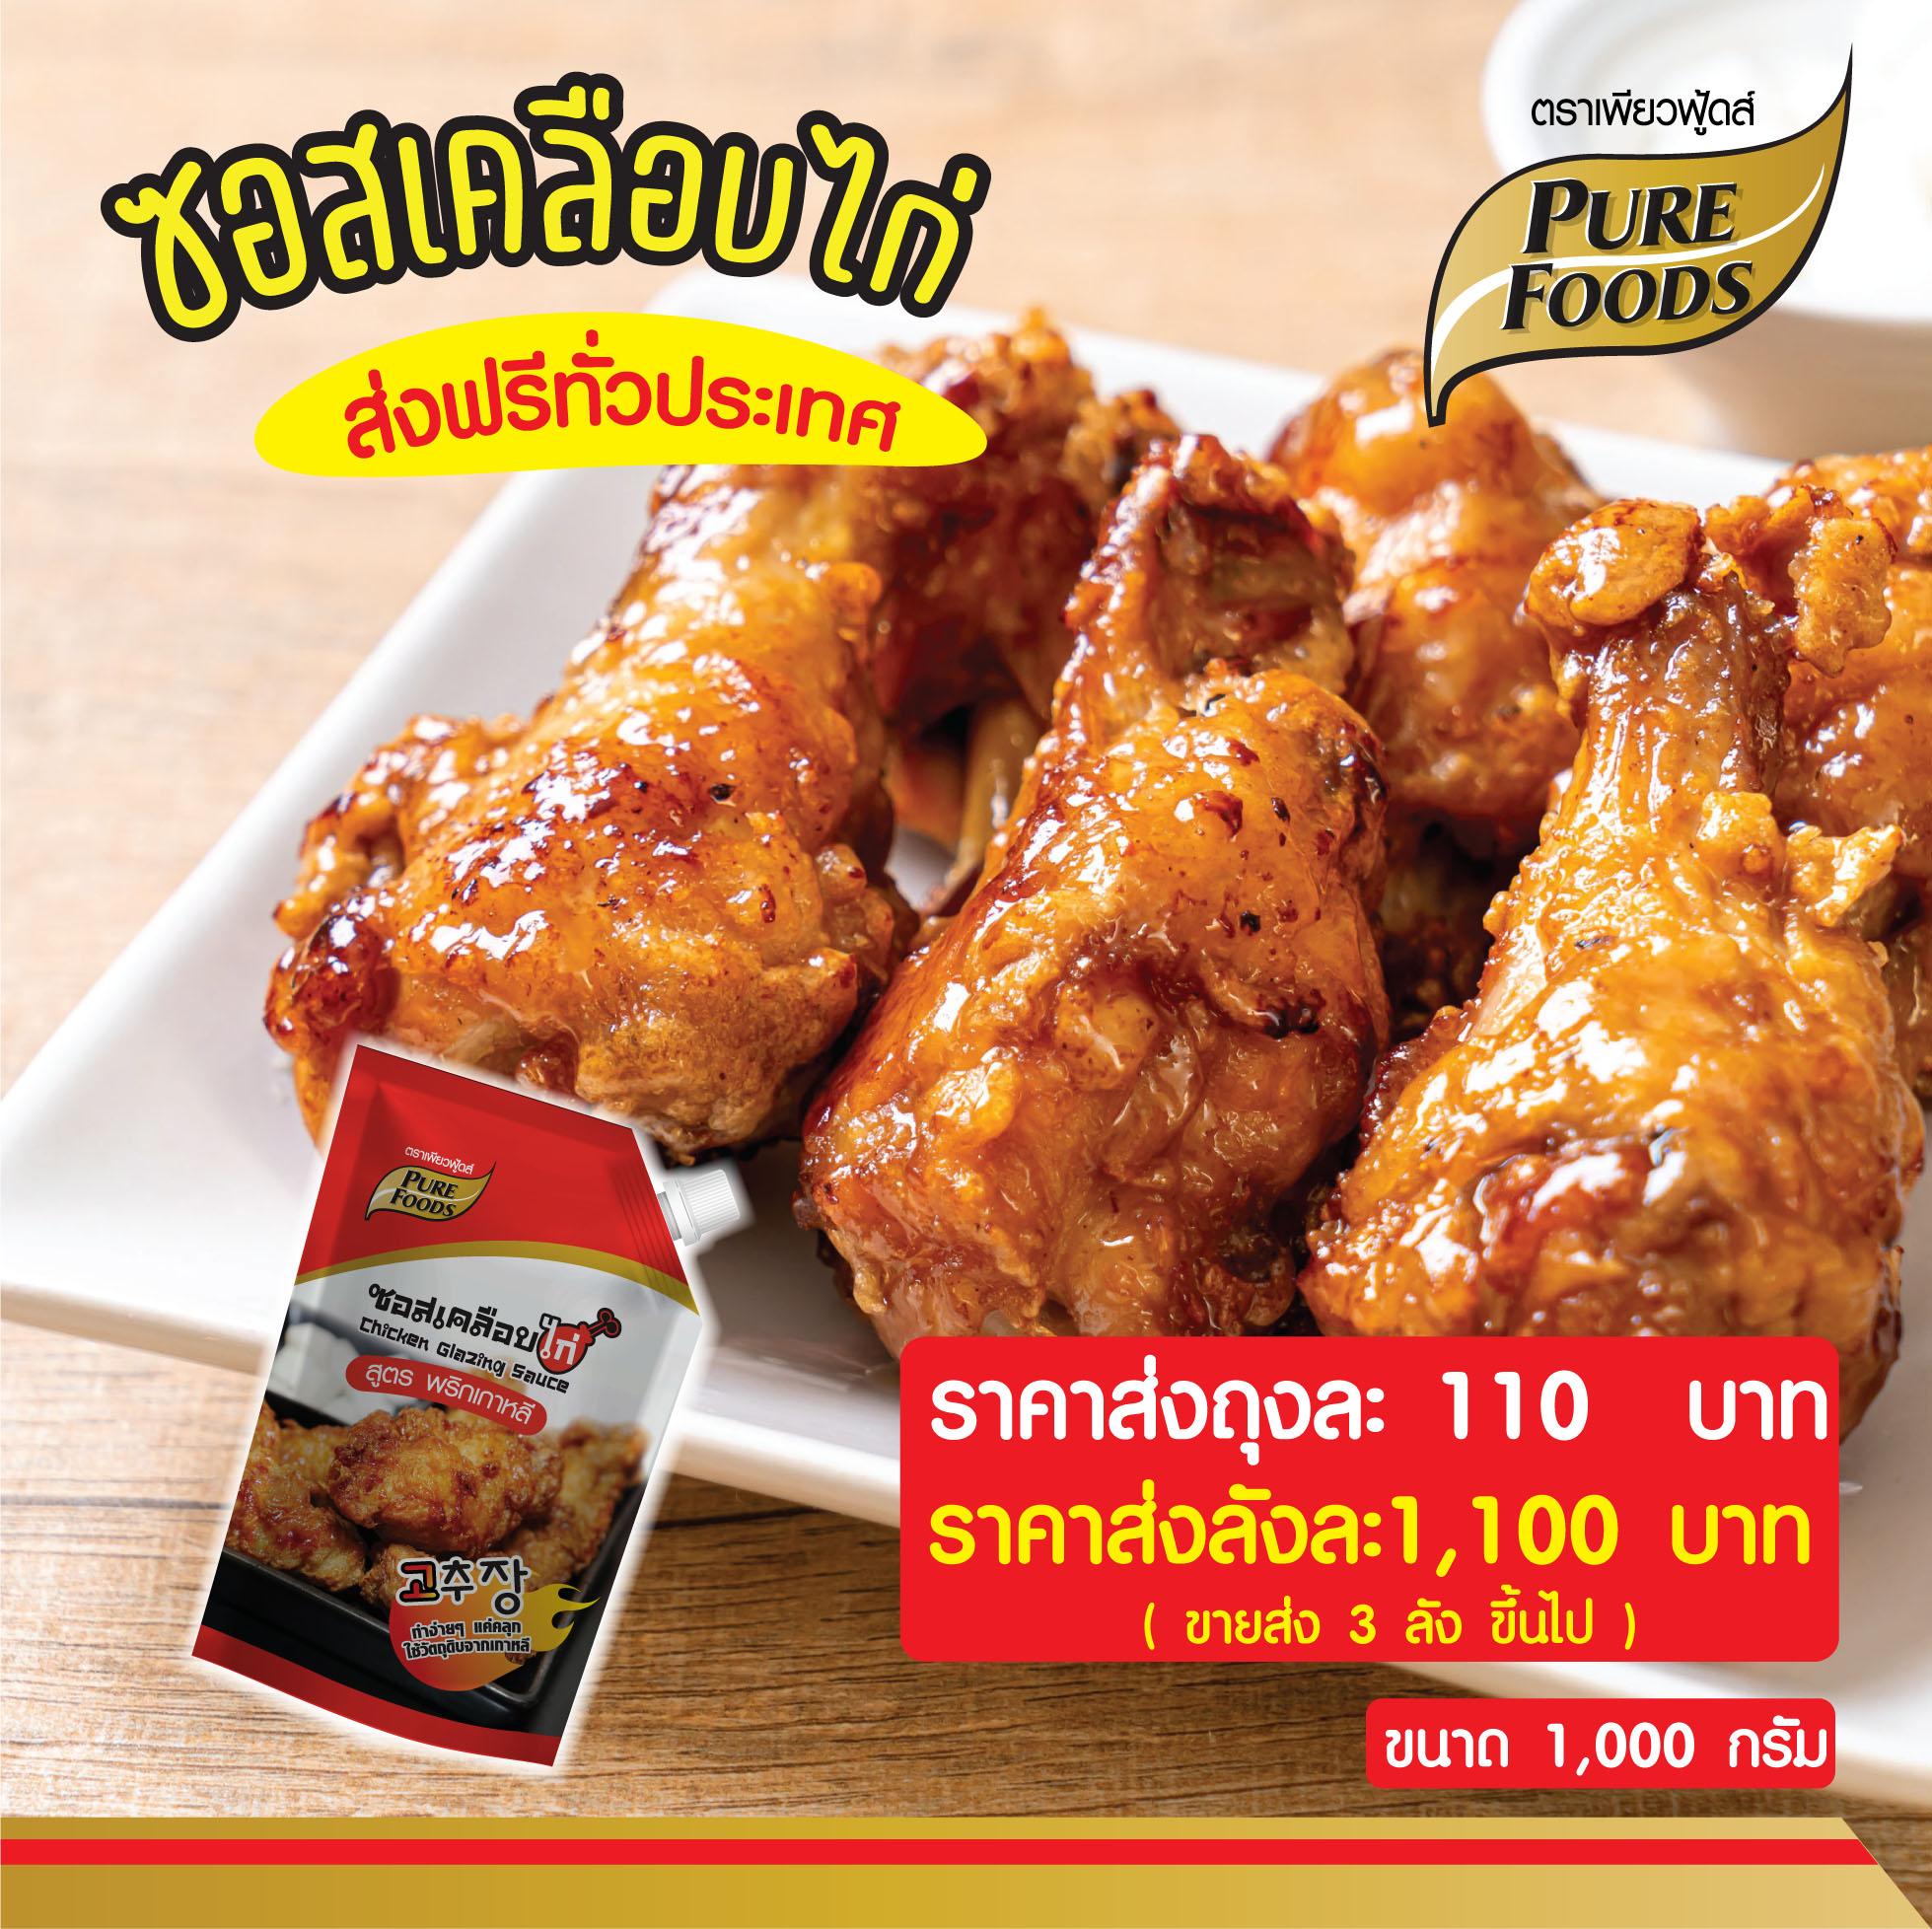 ซอสเคลือบไก่ สูตรพริกเกาหลี 1000 กรัม ราคาส่ง